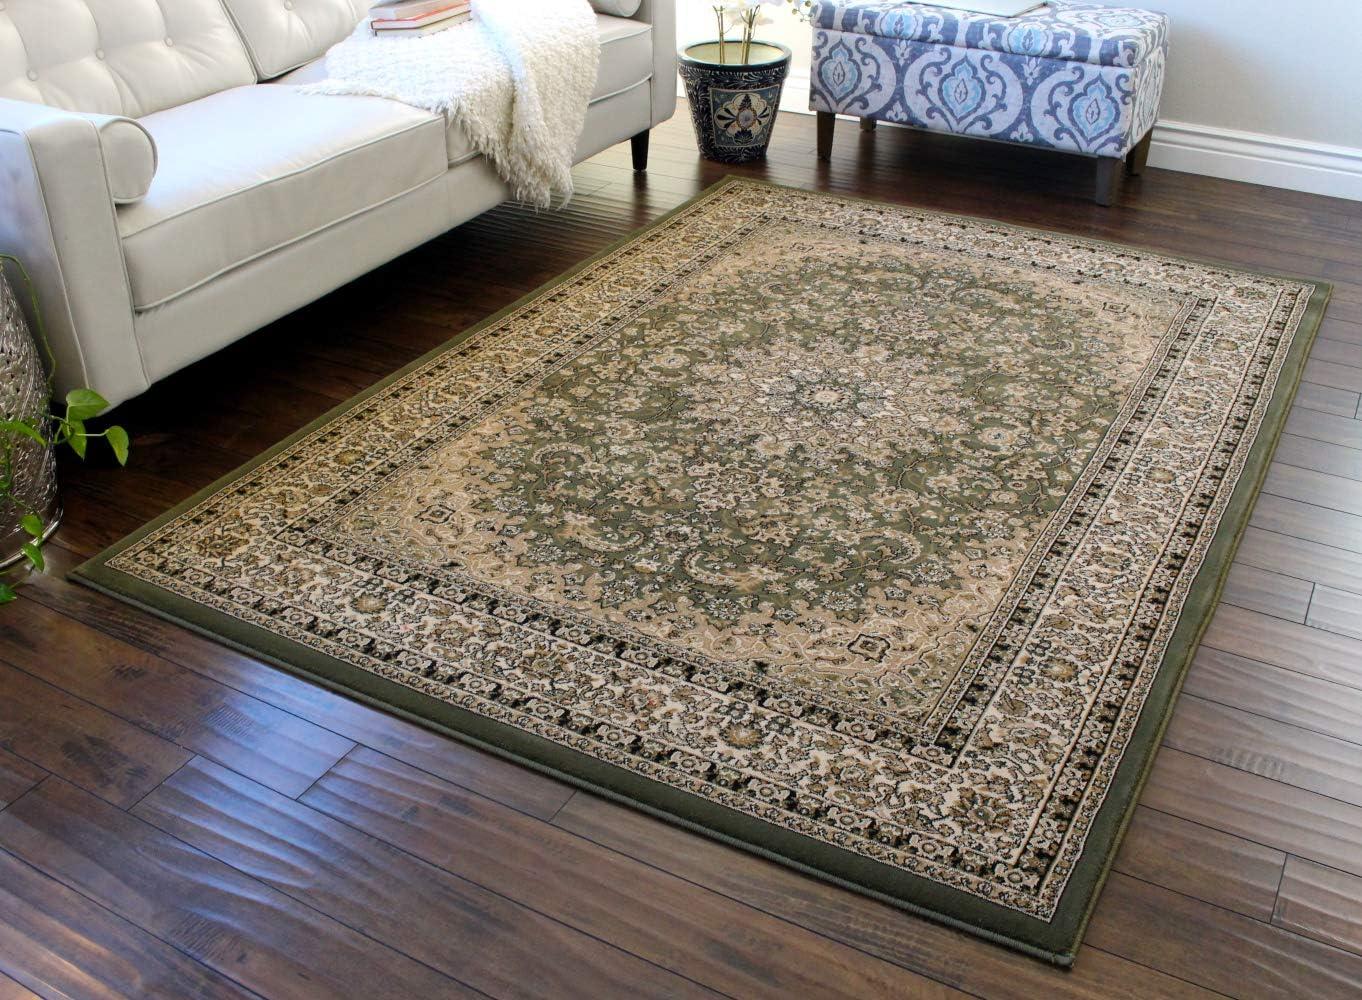 Traditional Area Rug Design Elegance 205 Green 8 Feet x 10 Feet 6 Inch